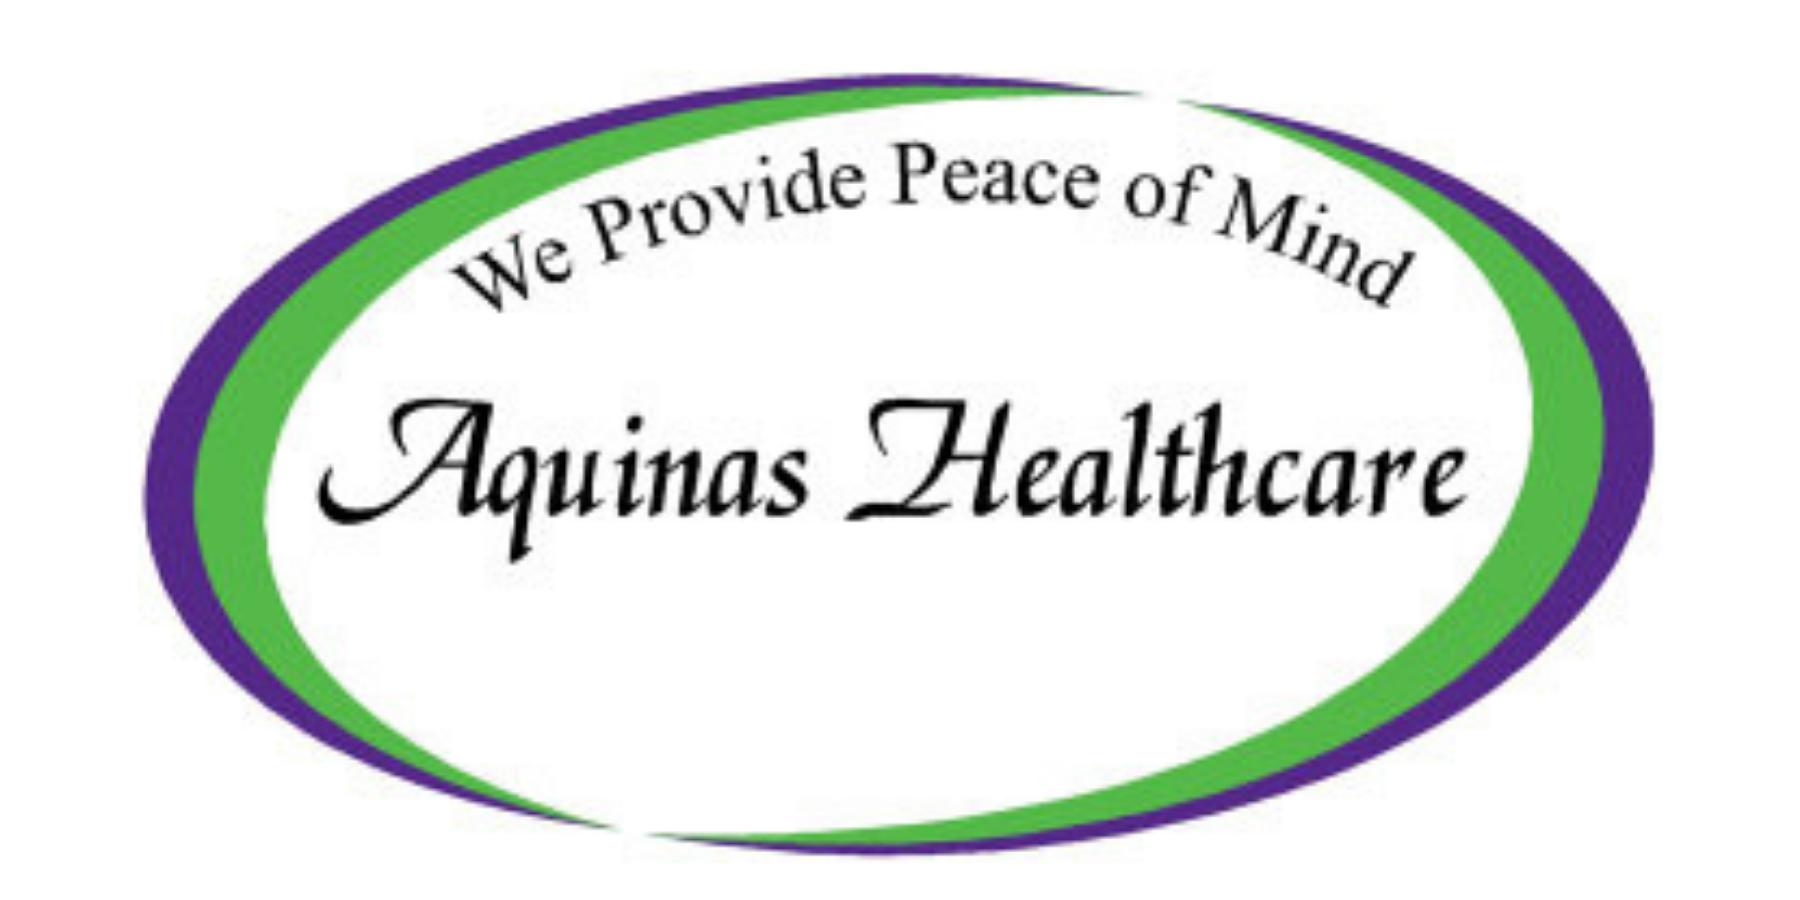 Aquinas Healthcare